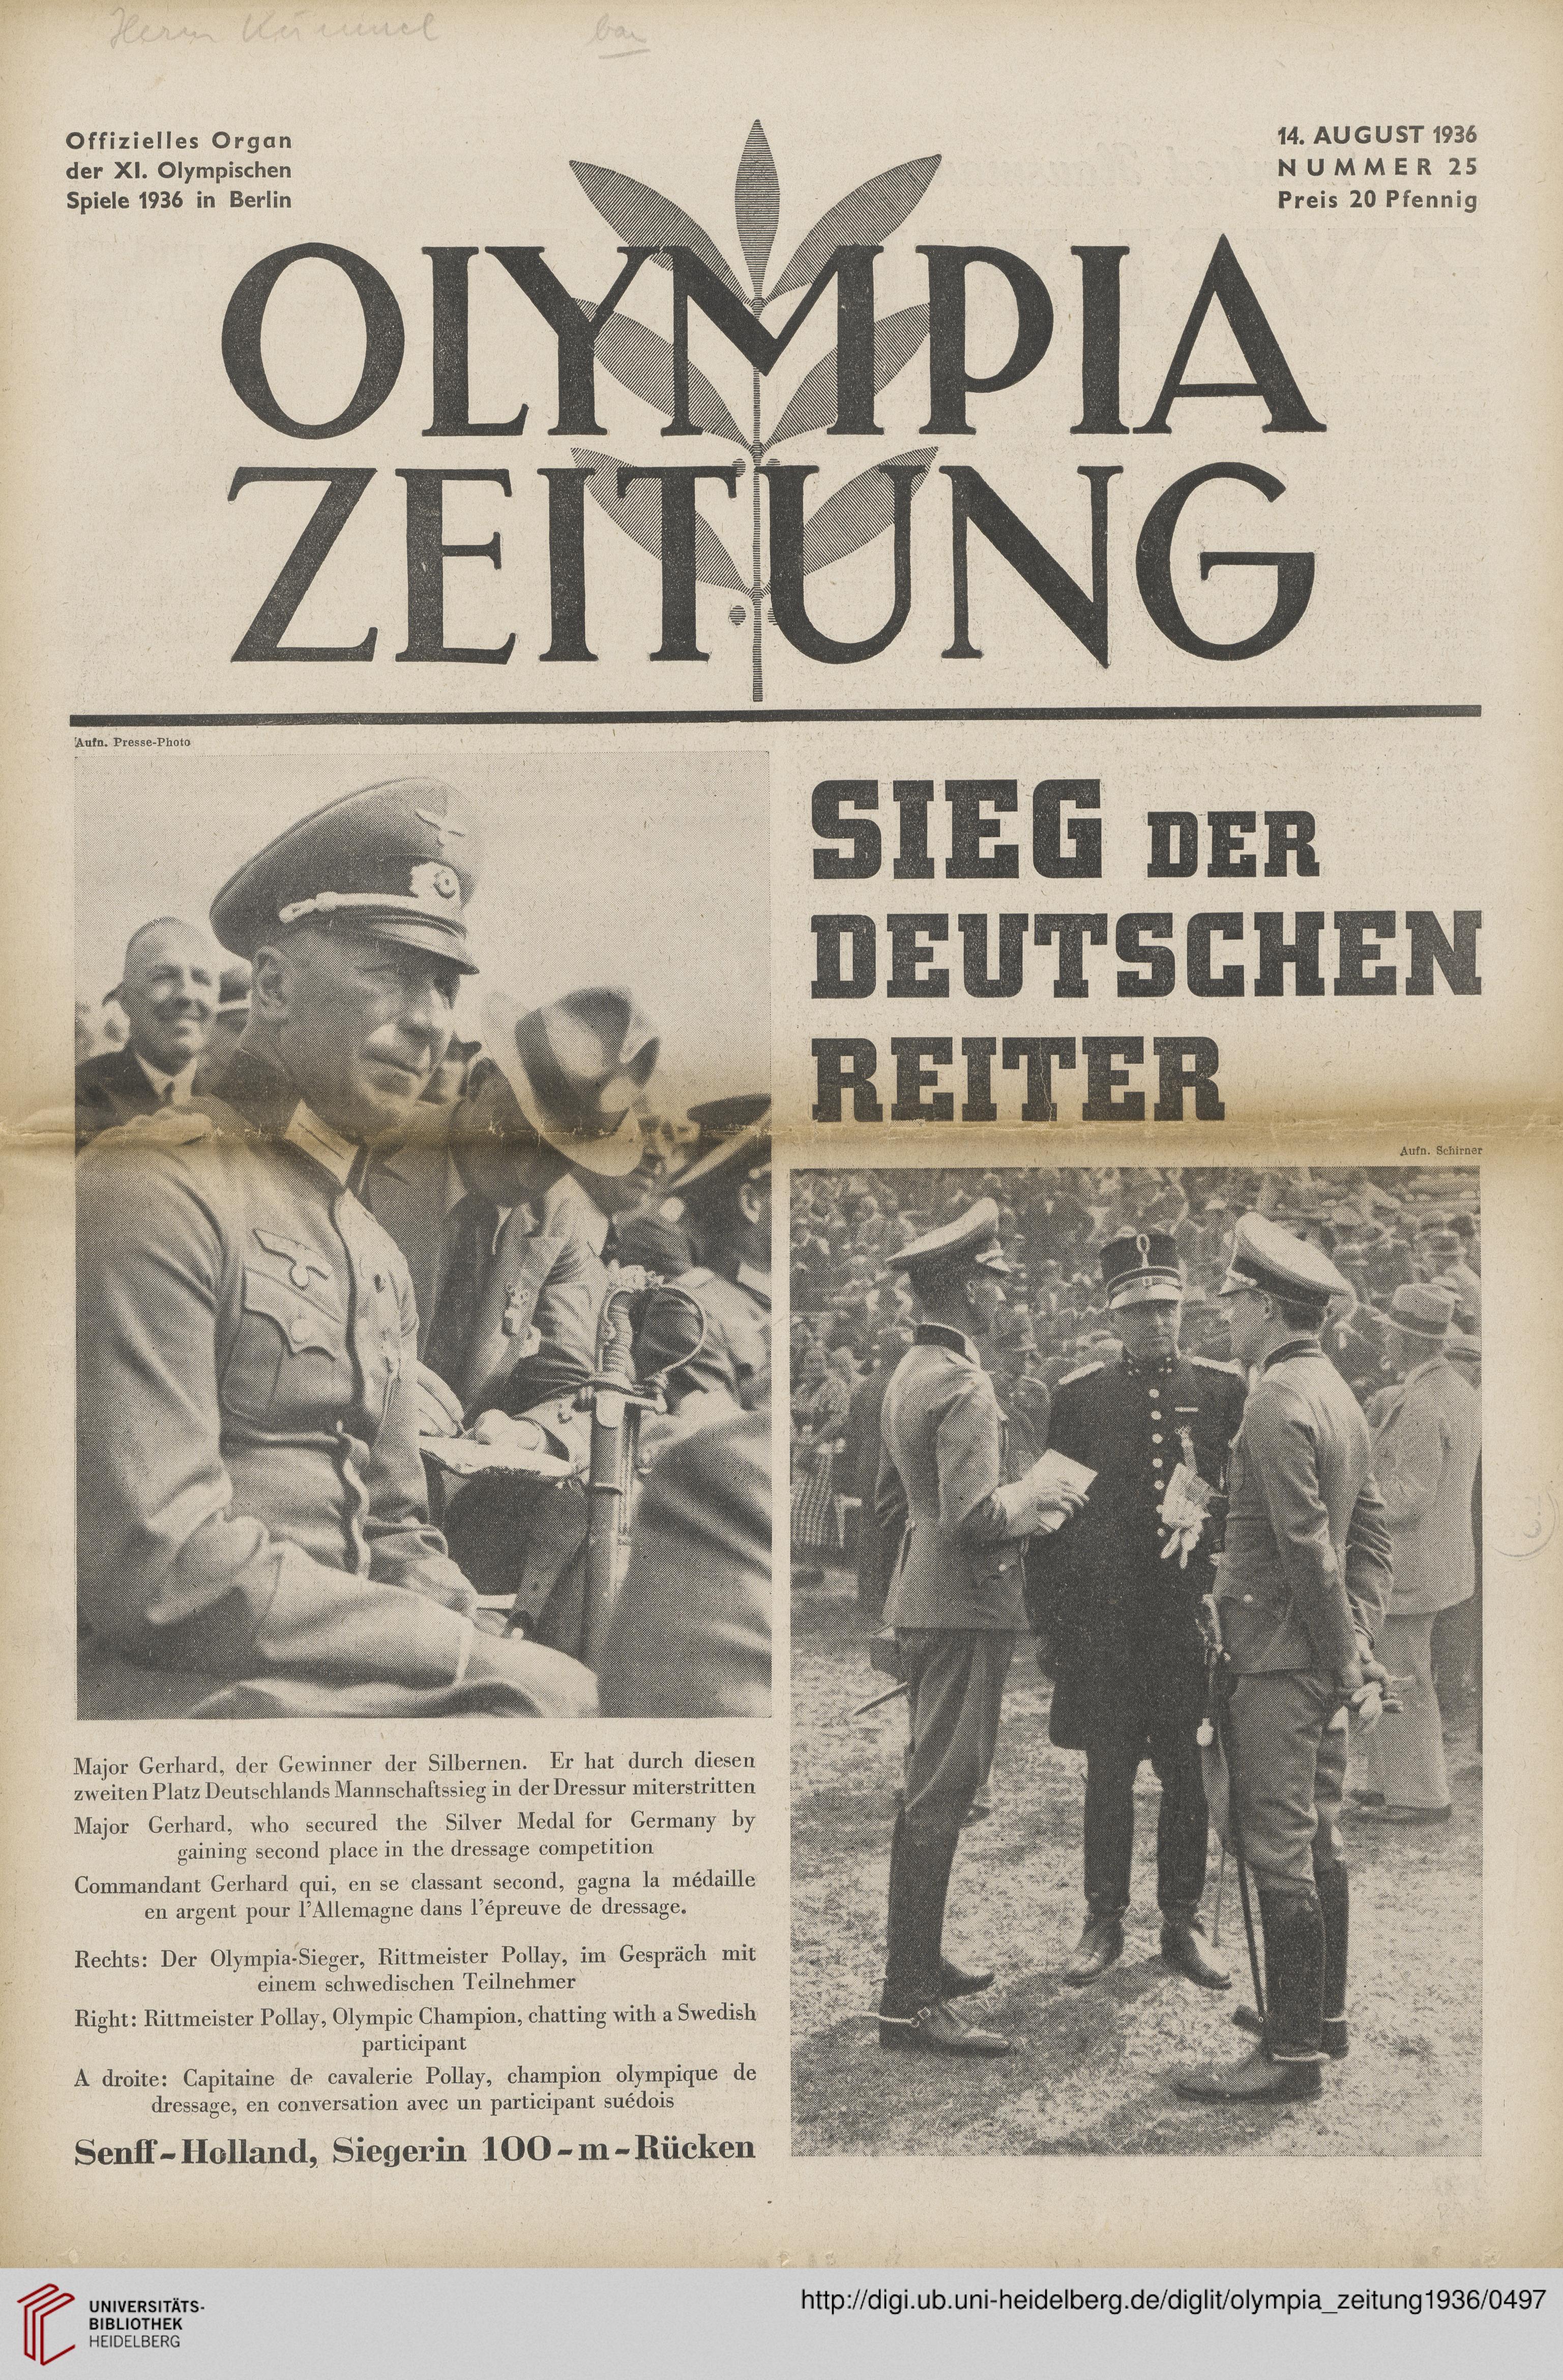 Olympia Zeitung Offizielles Organ Der 11 Olympischen Spiele 1936 In Berlin 1936